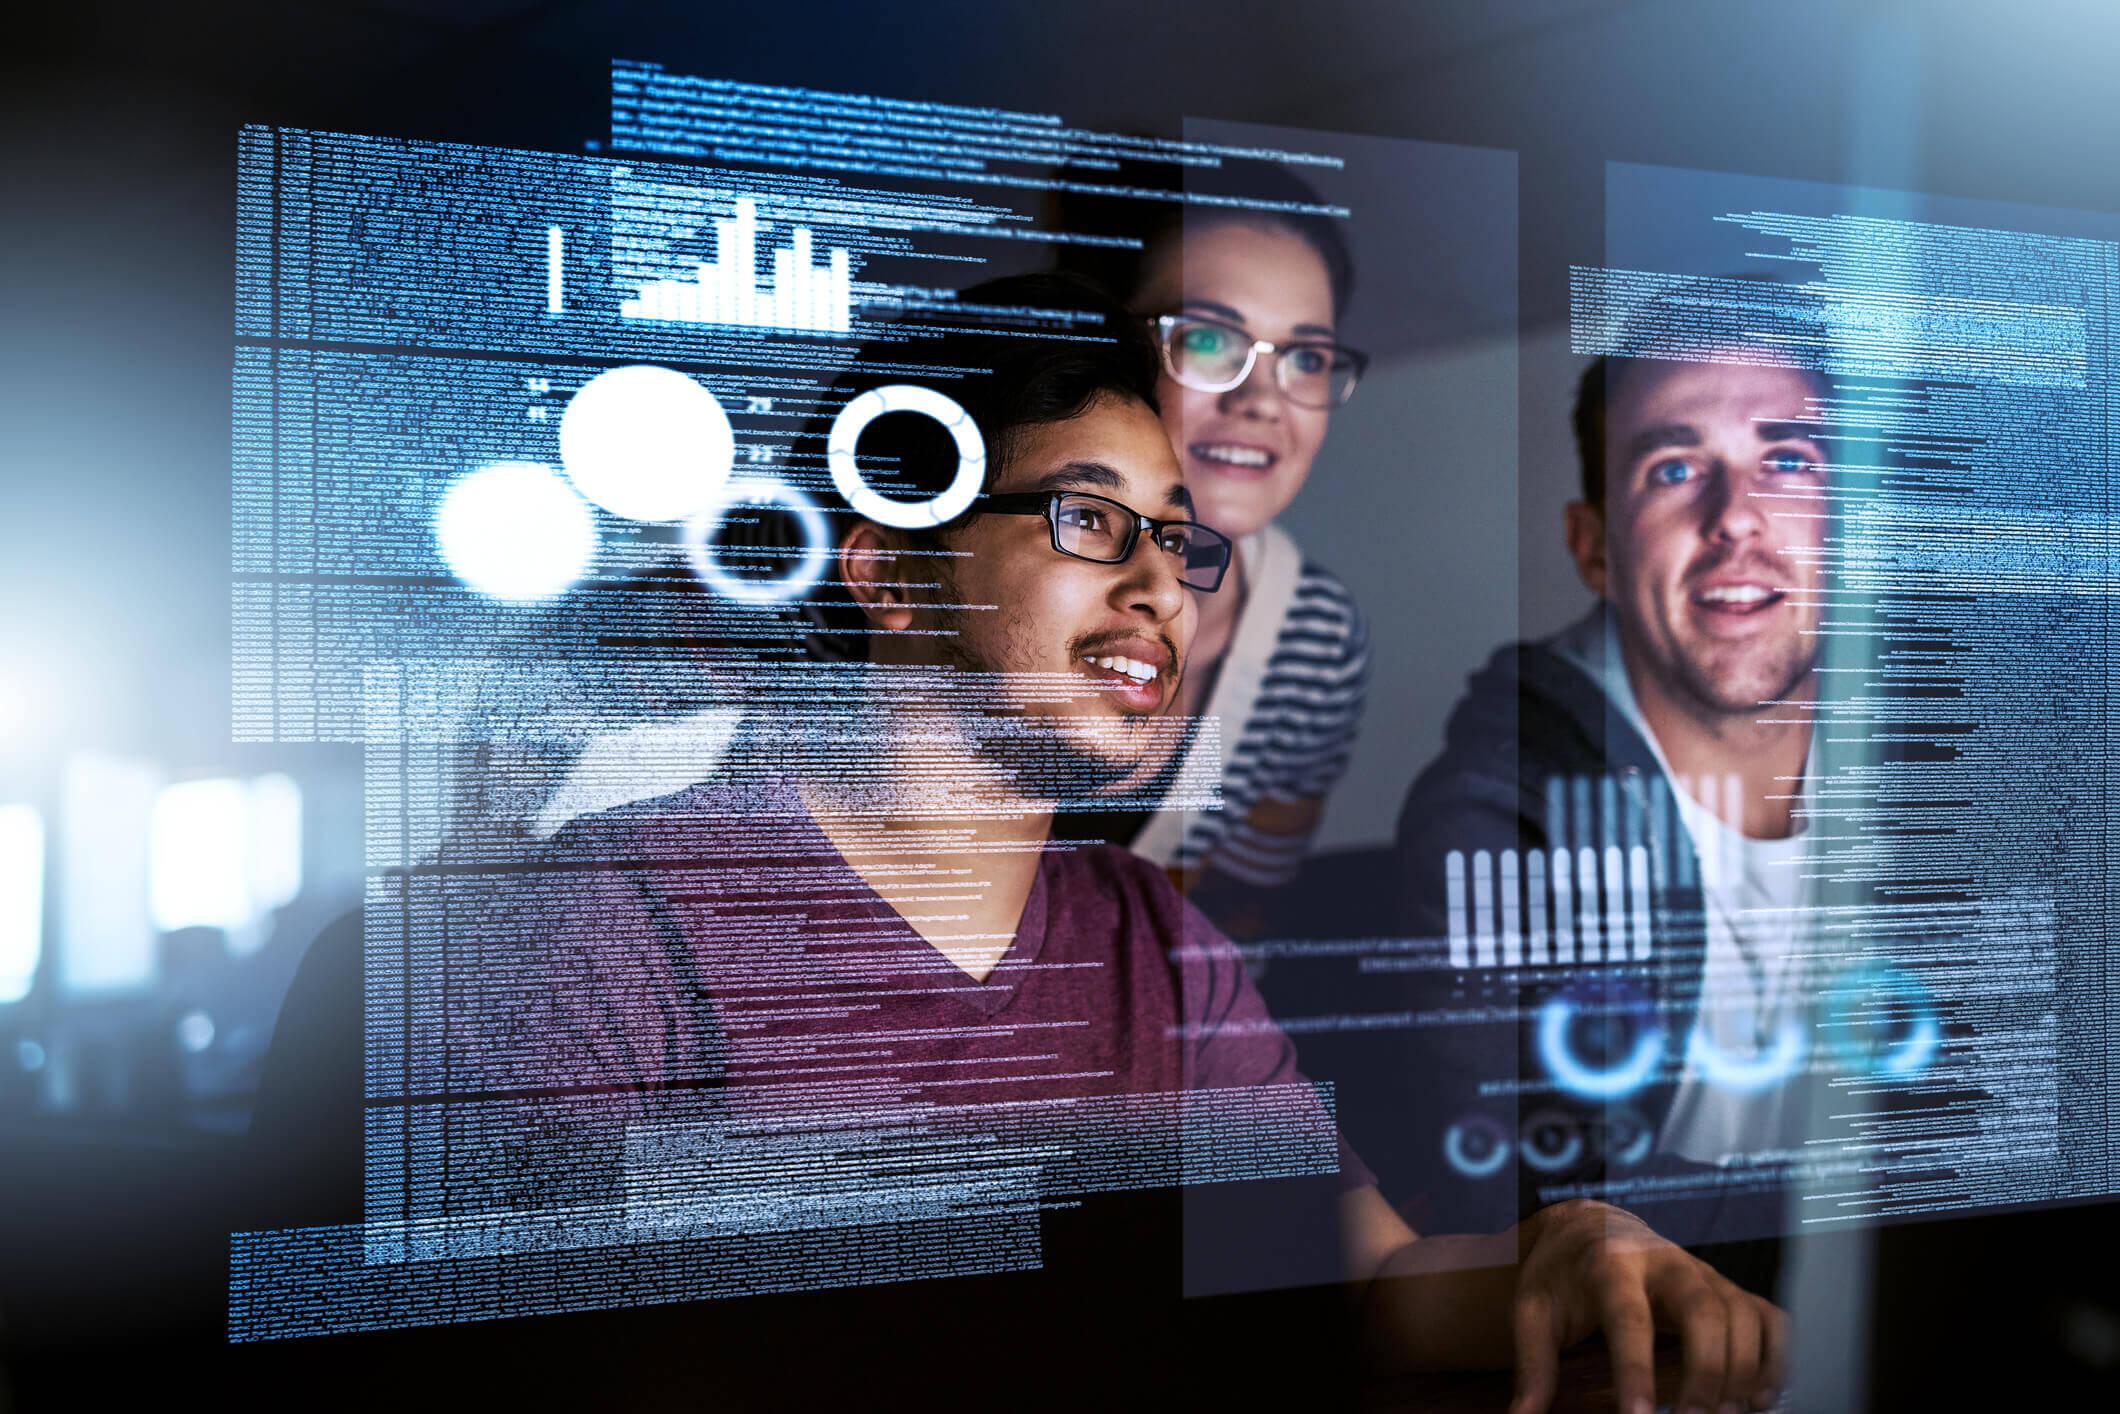 career advice, technology, industry growth, Australia, 2022